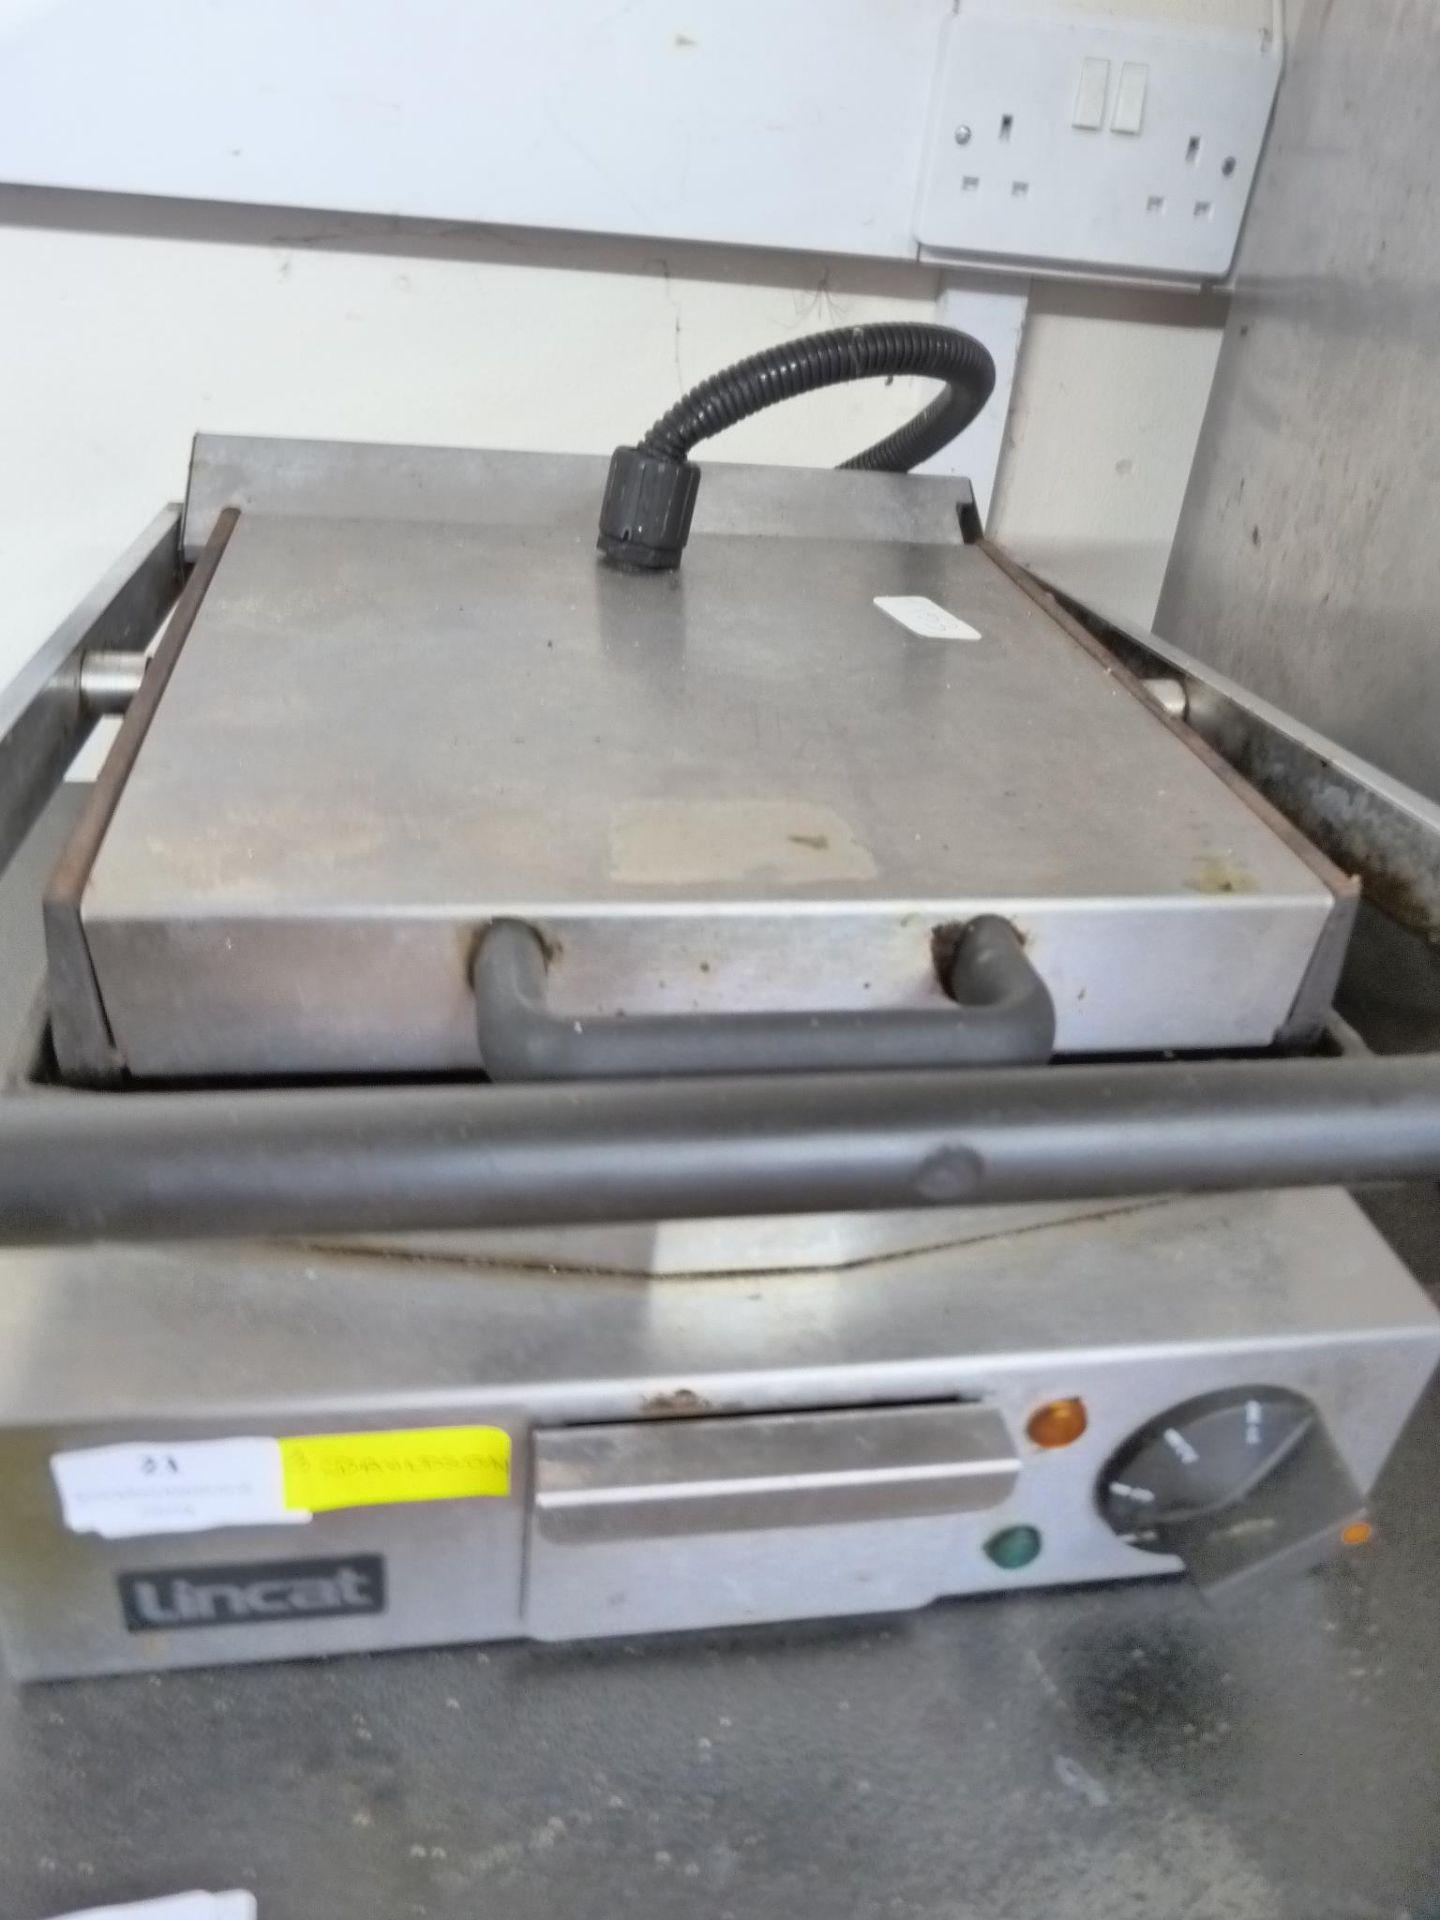 Lot 21 - Lincat Countertop Panini Grill